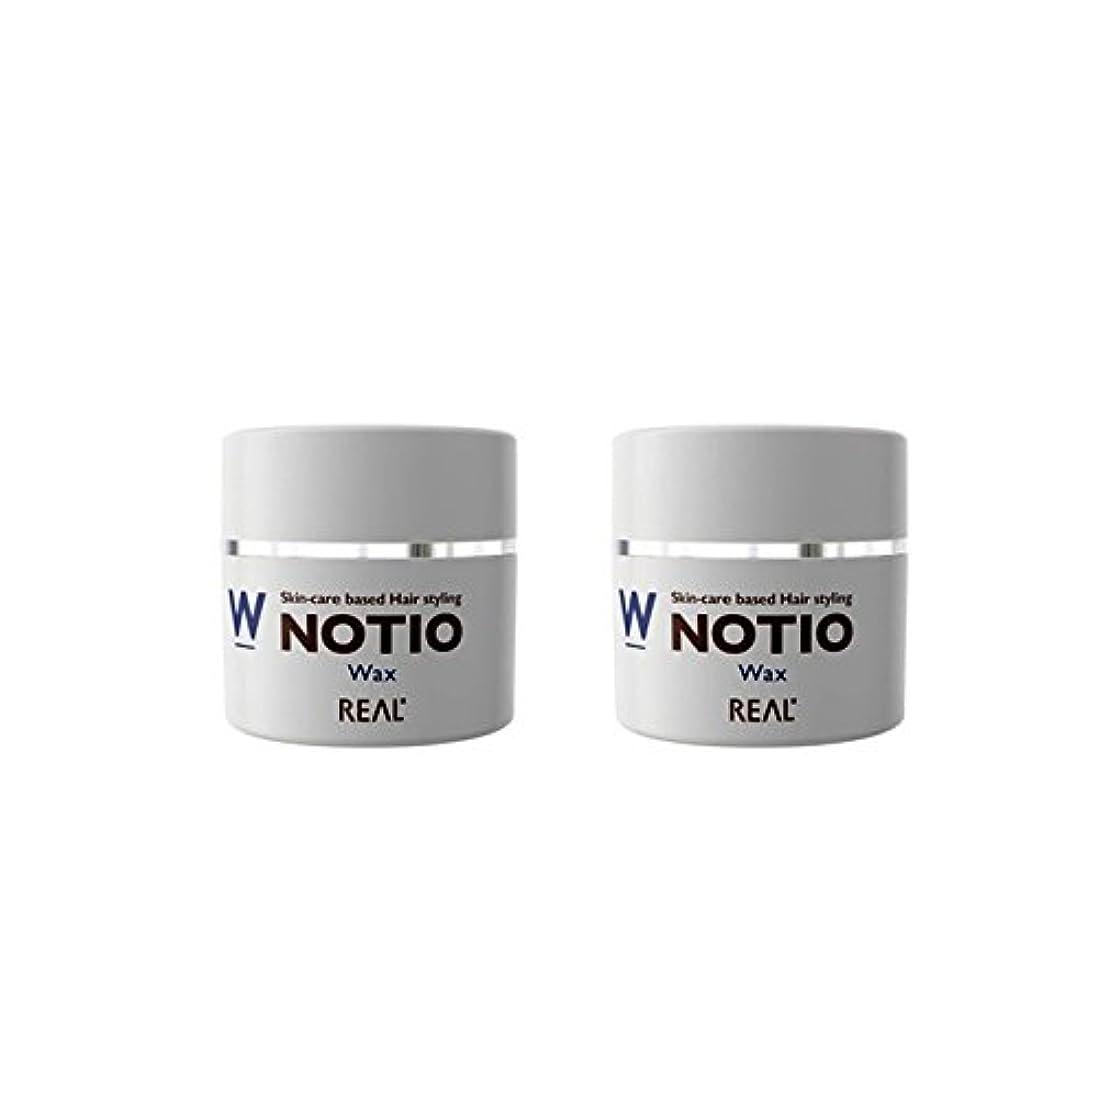 テクトニックモンク感謝する【2個セット】NOTIO Wax ノティオ ワックス ( ヘアスタイリング?ハンドクリーム ) 45g